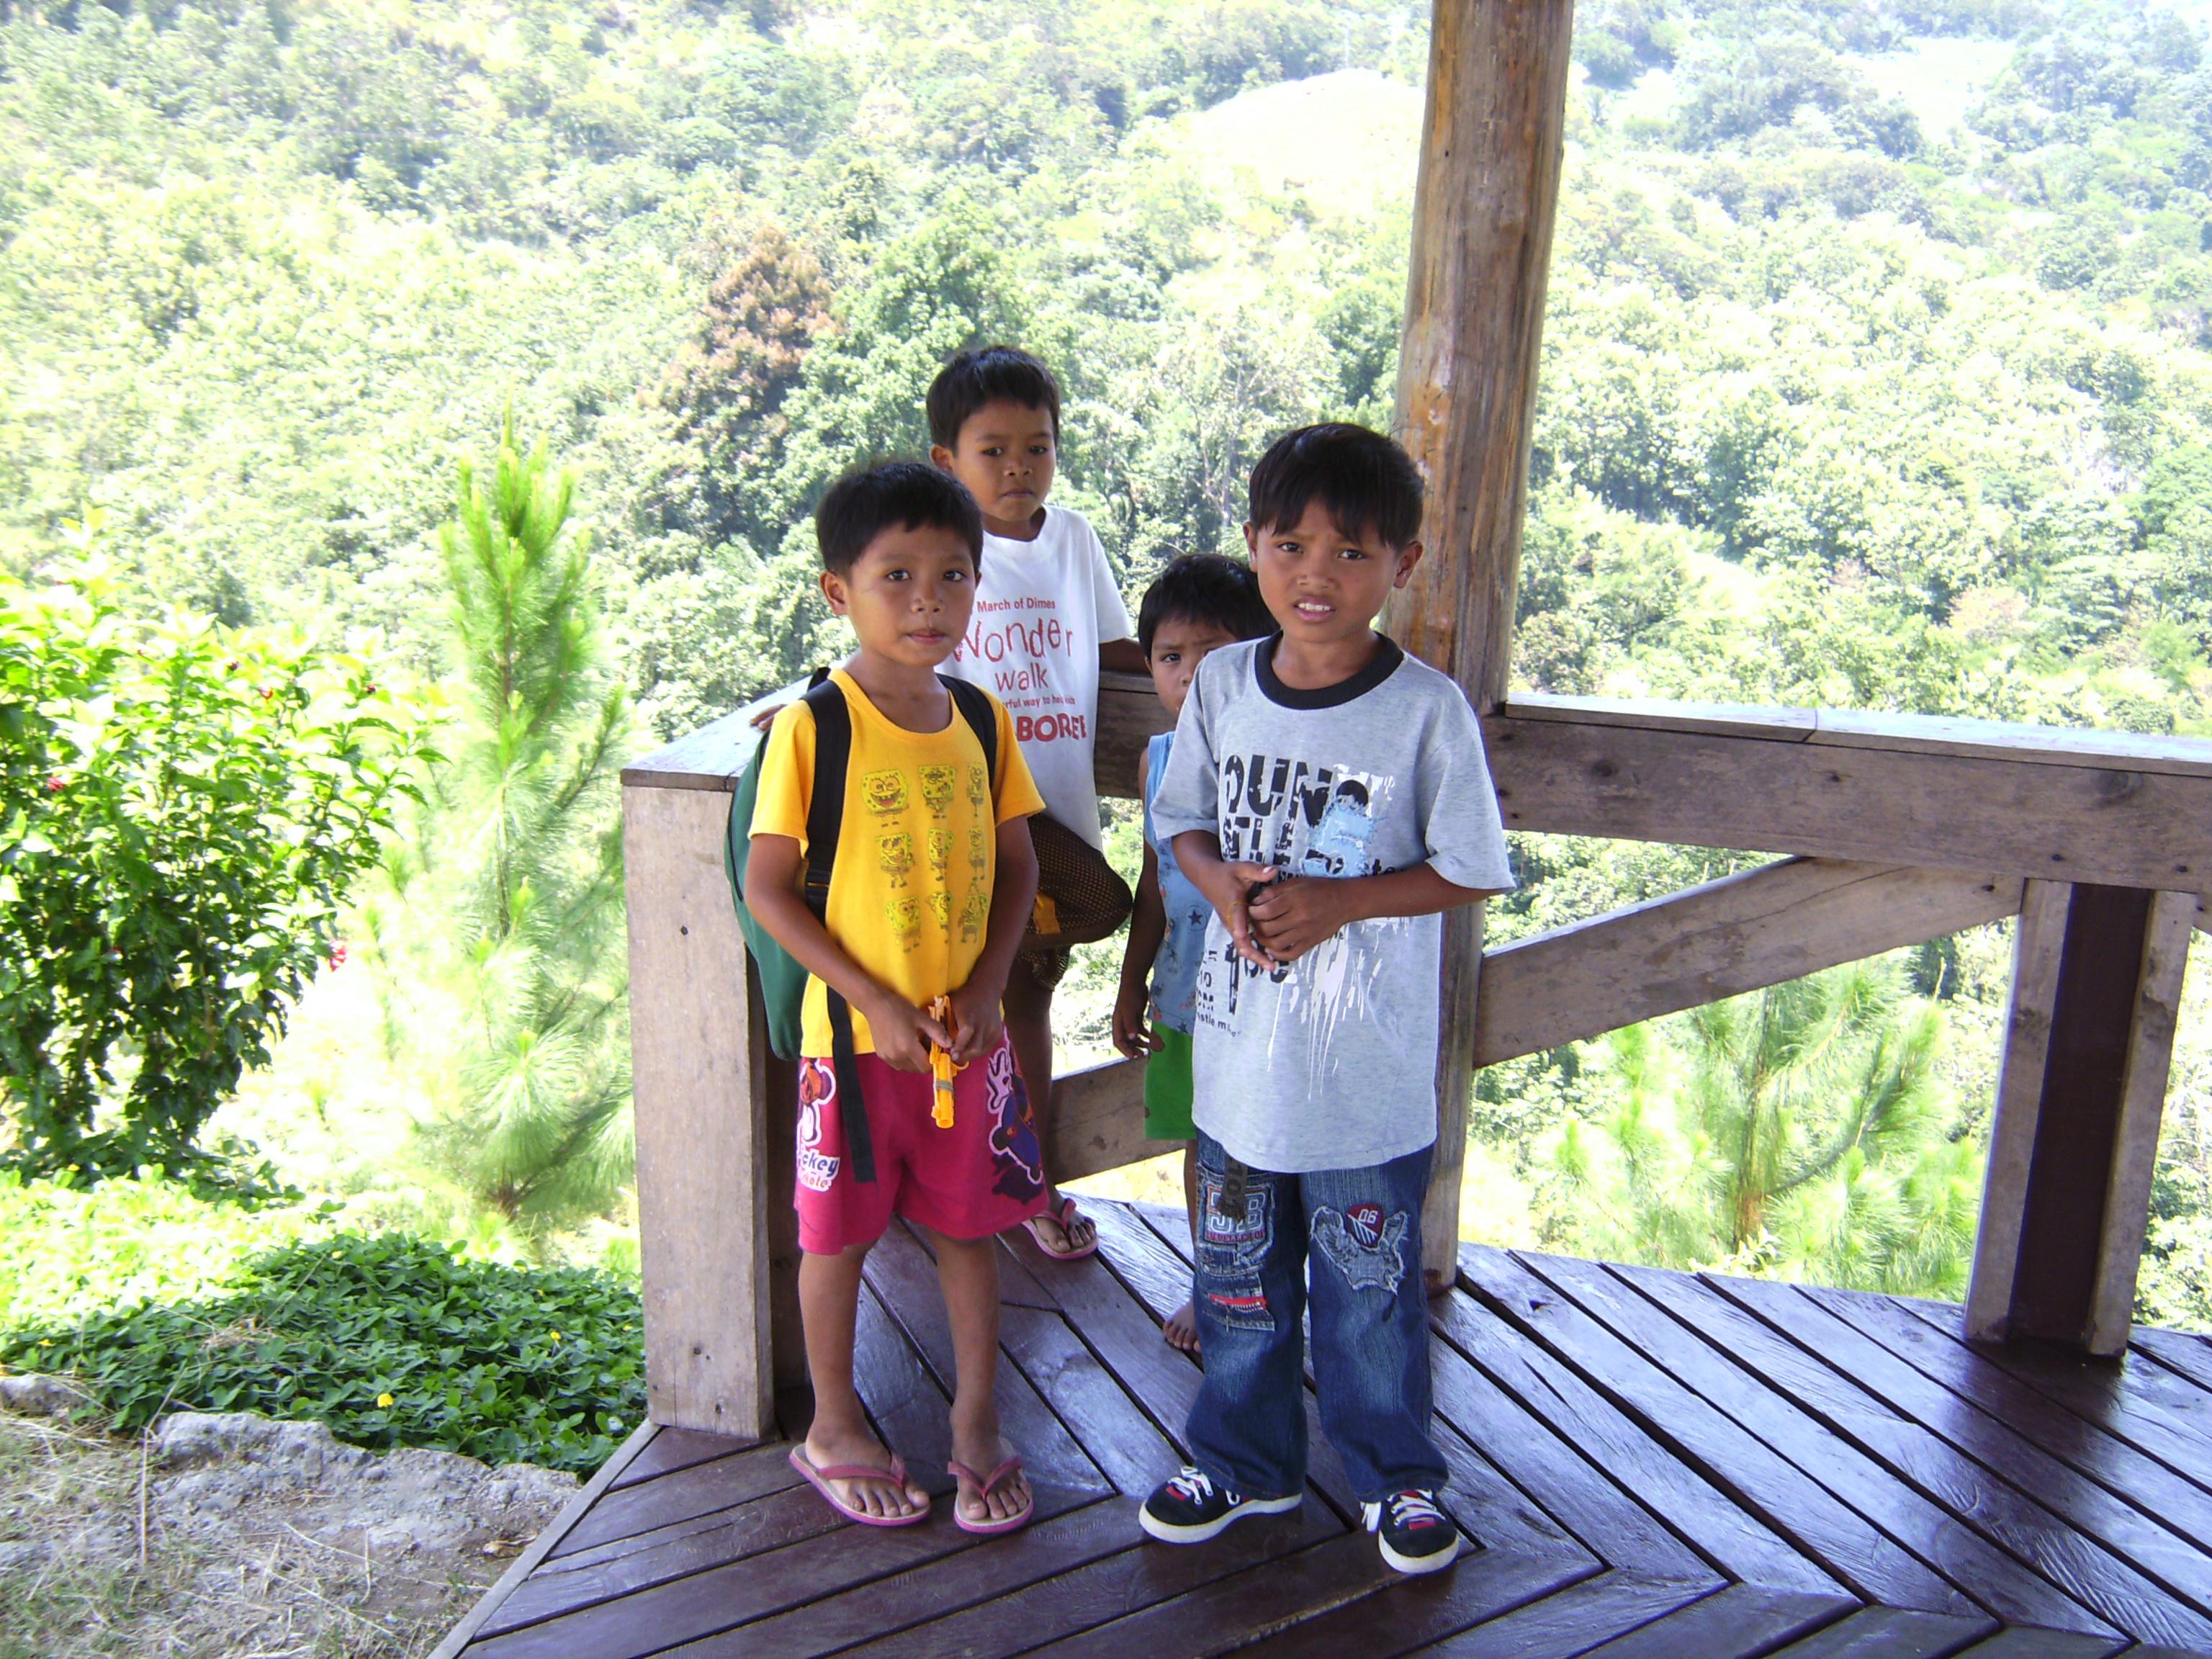 Philippinen Tours Scholarship Programme – damit philippinische Jugendliche studieren können